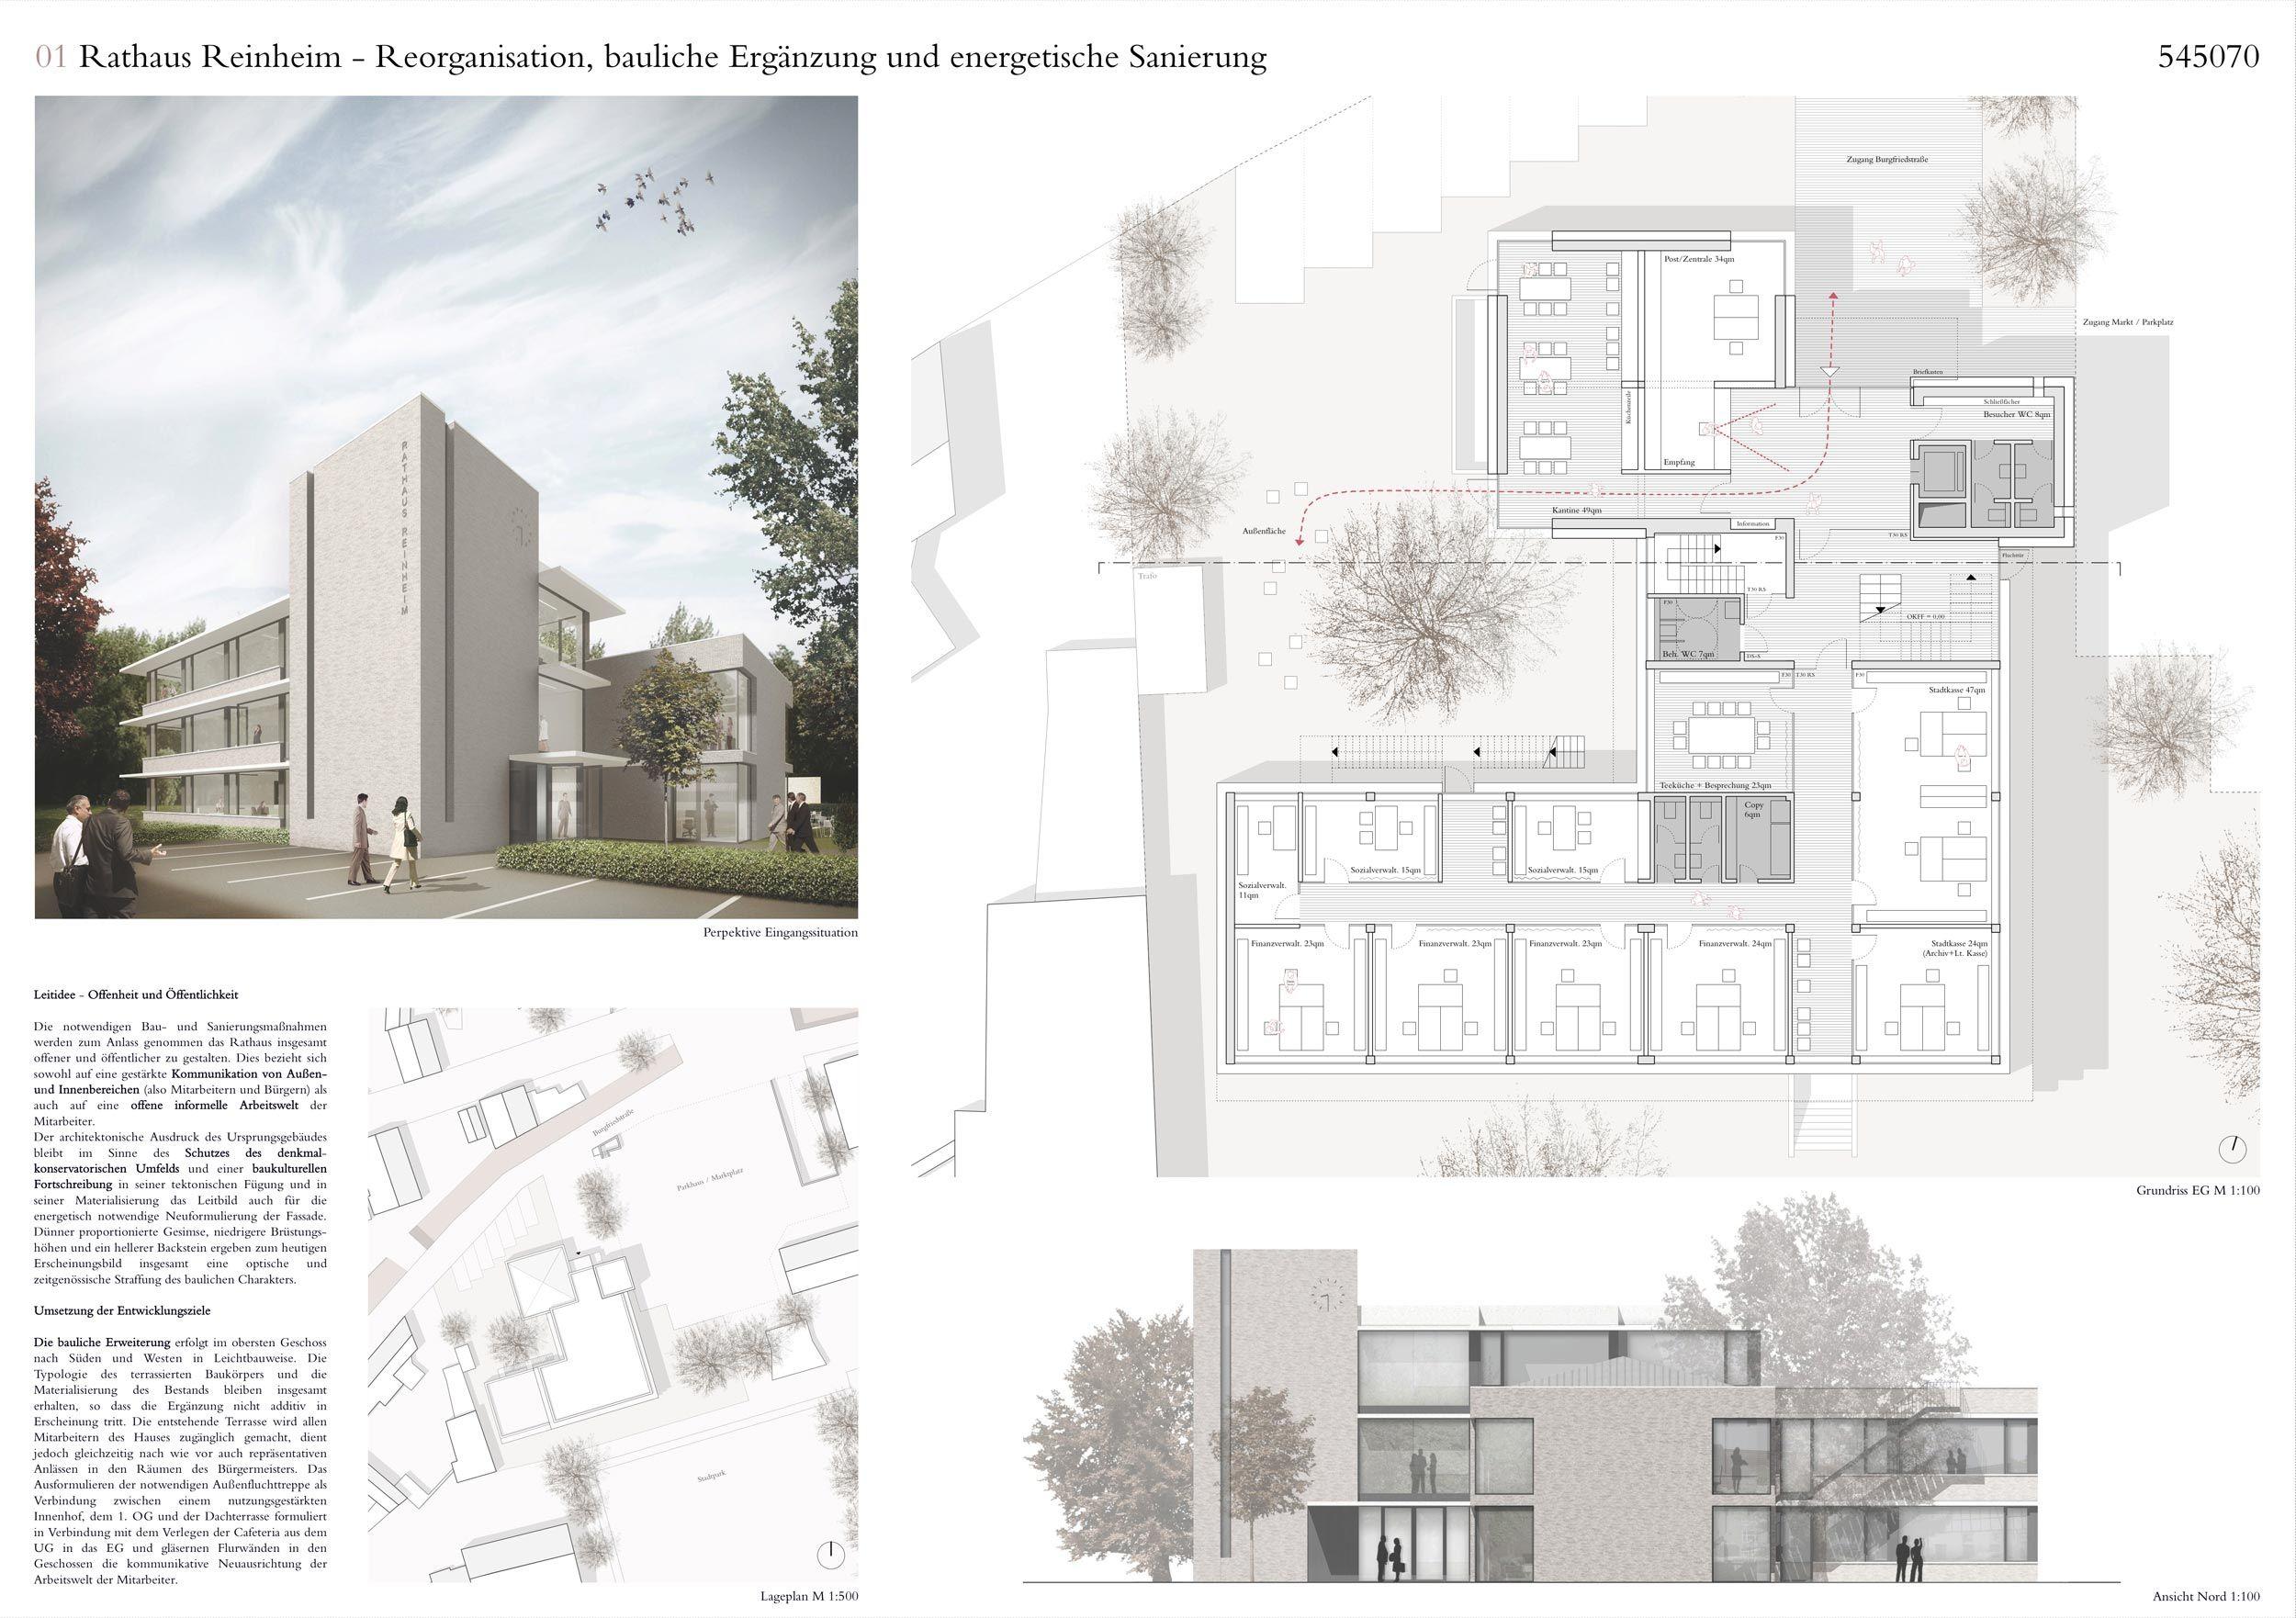 2 preis plan 01 gernot schulz architektur gmbh layout pinterest ergebnisse und - Architektur plan ...